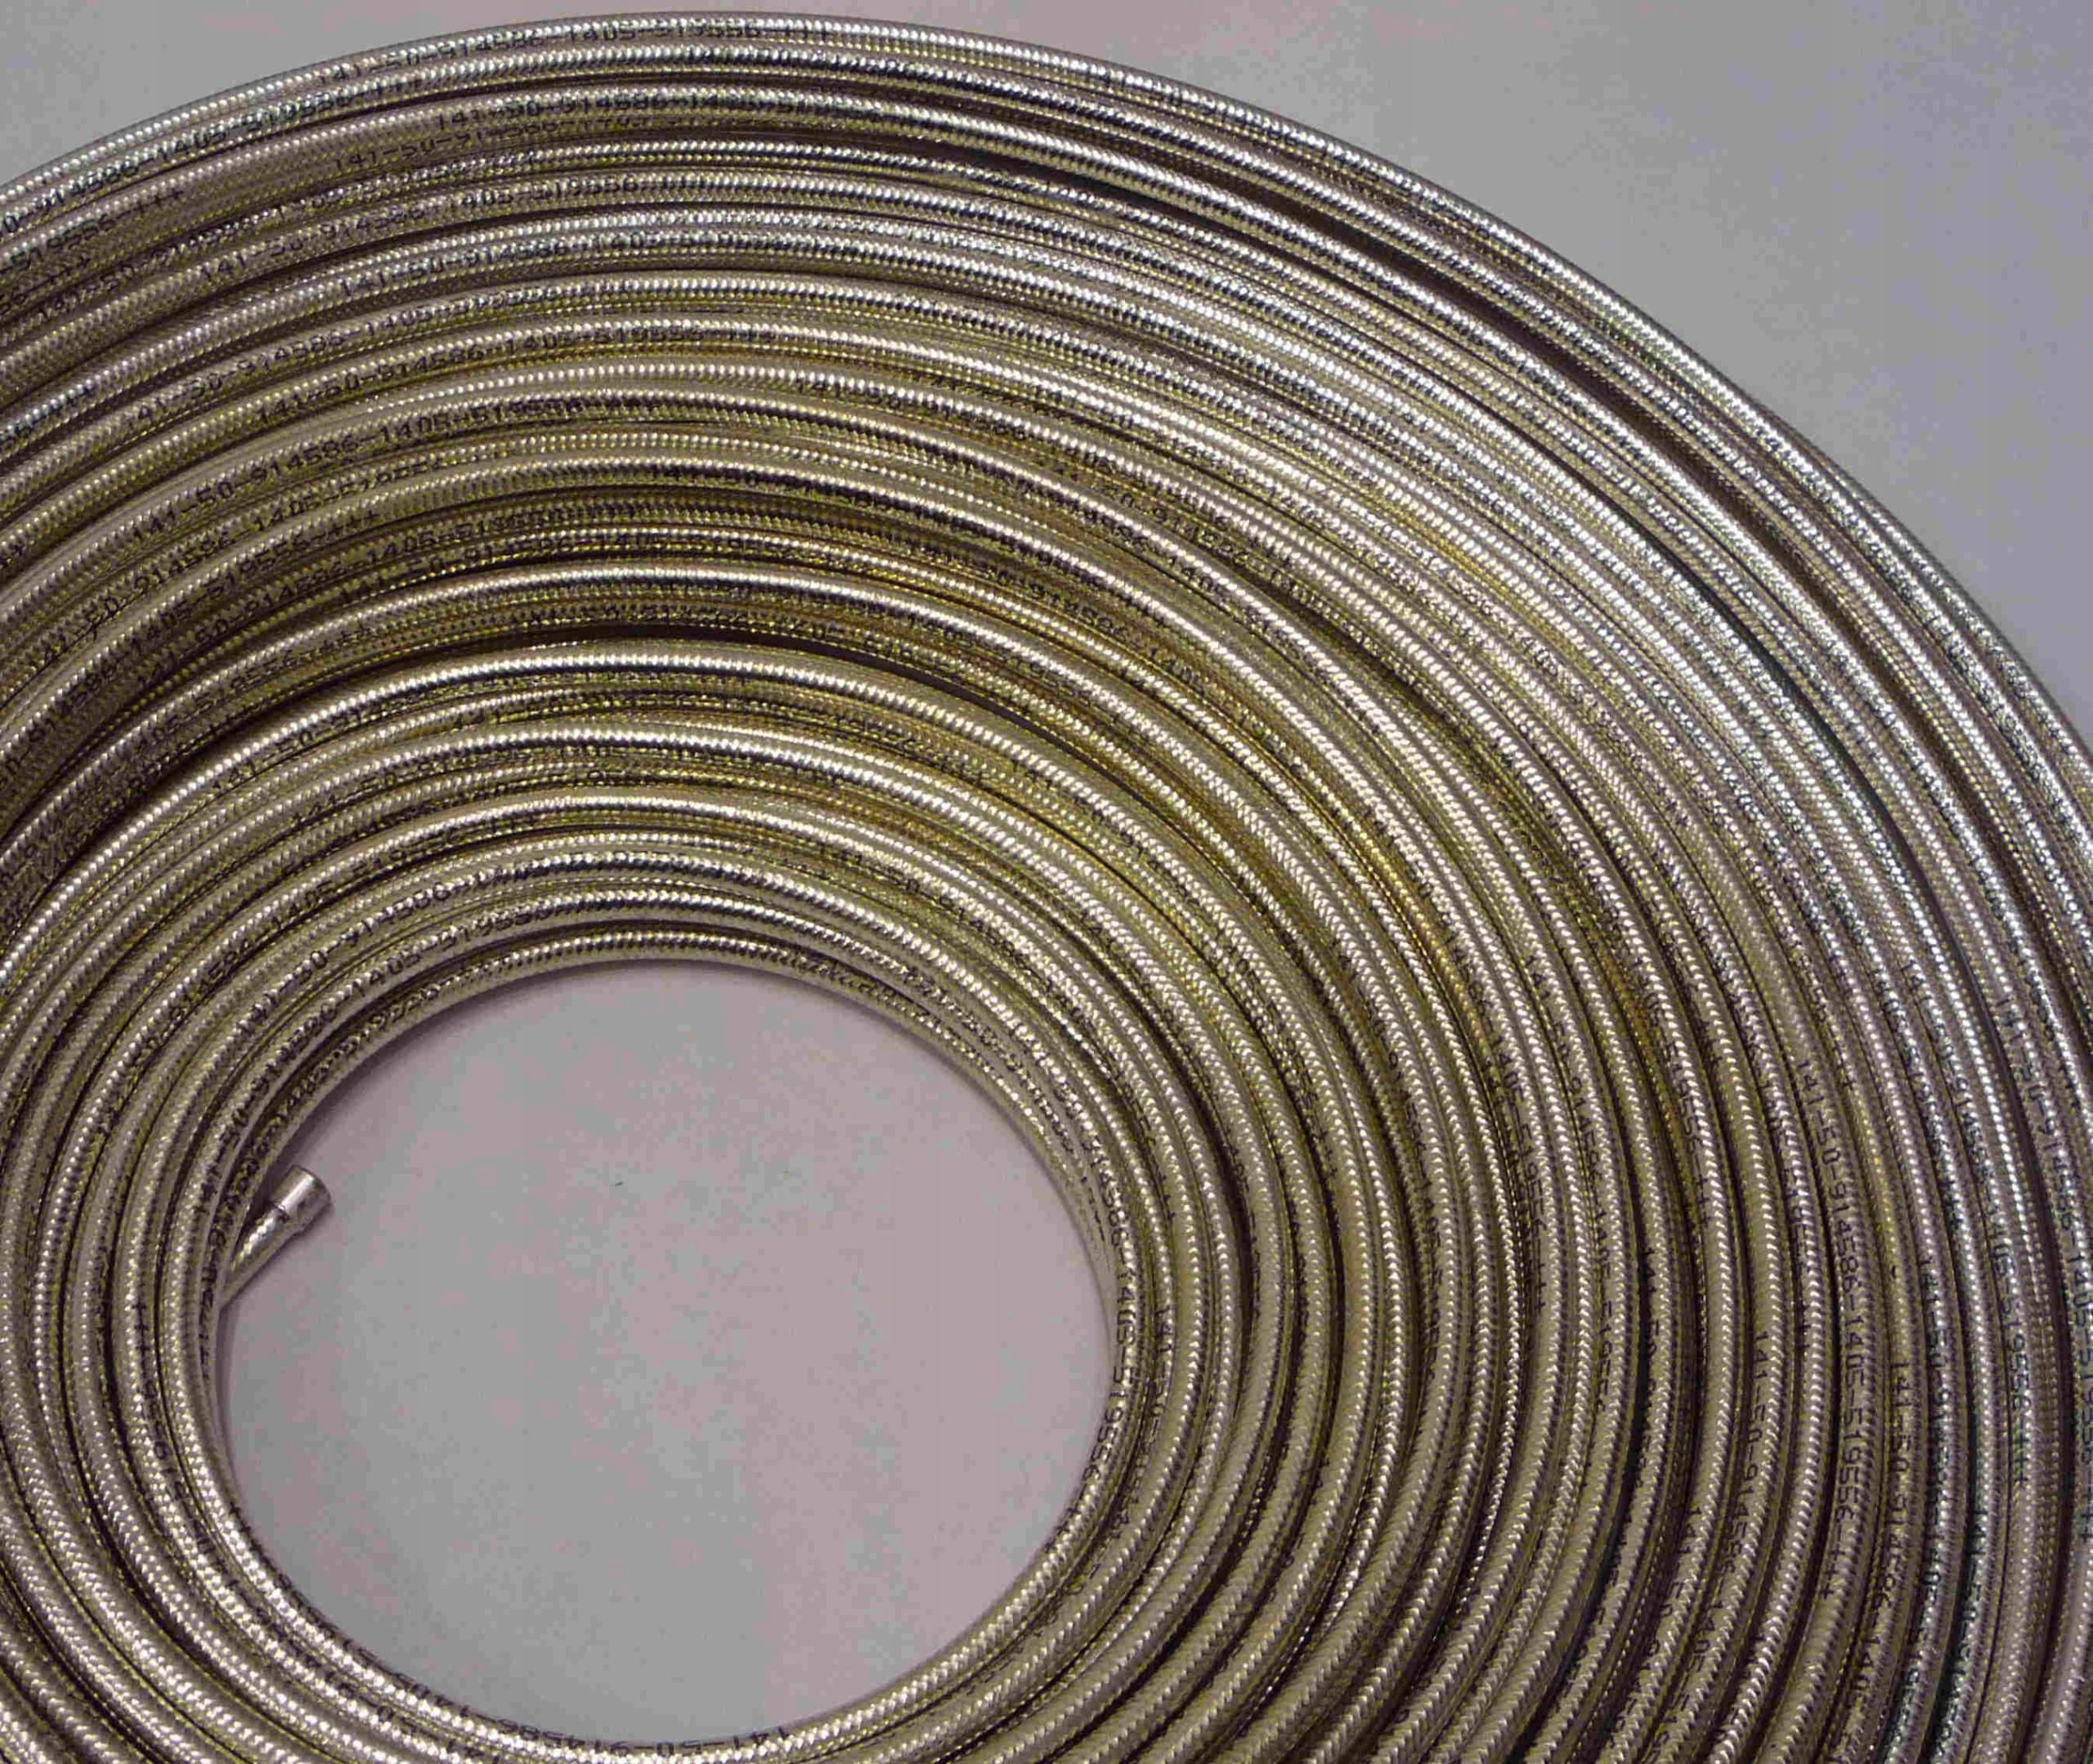 Przewód 50 ohm semi-rigid 0.141'' Sucoform_141 5m